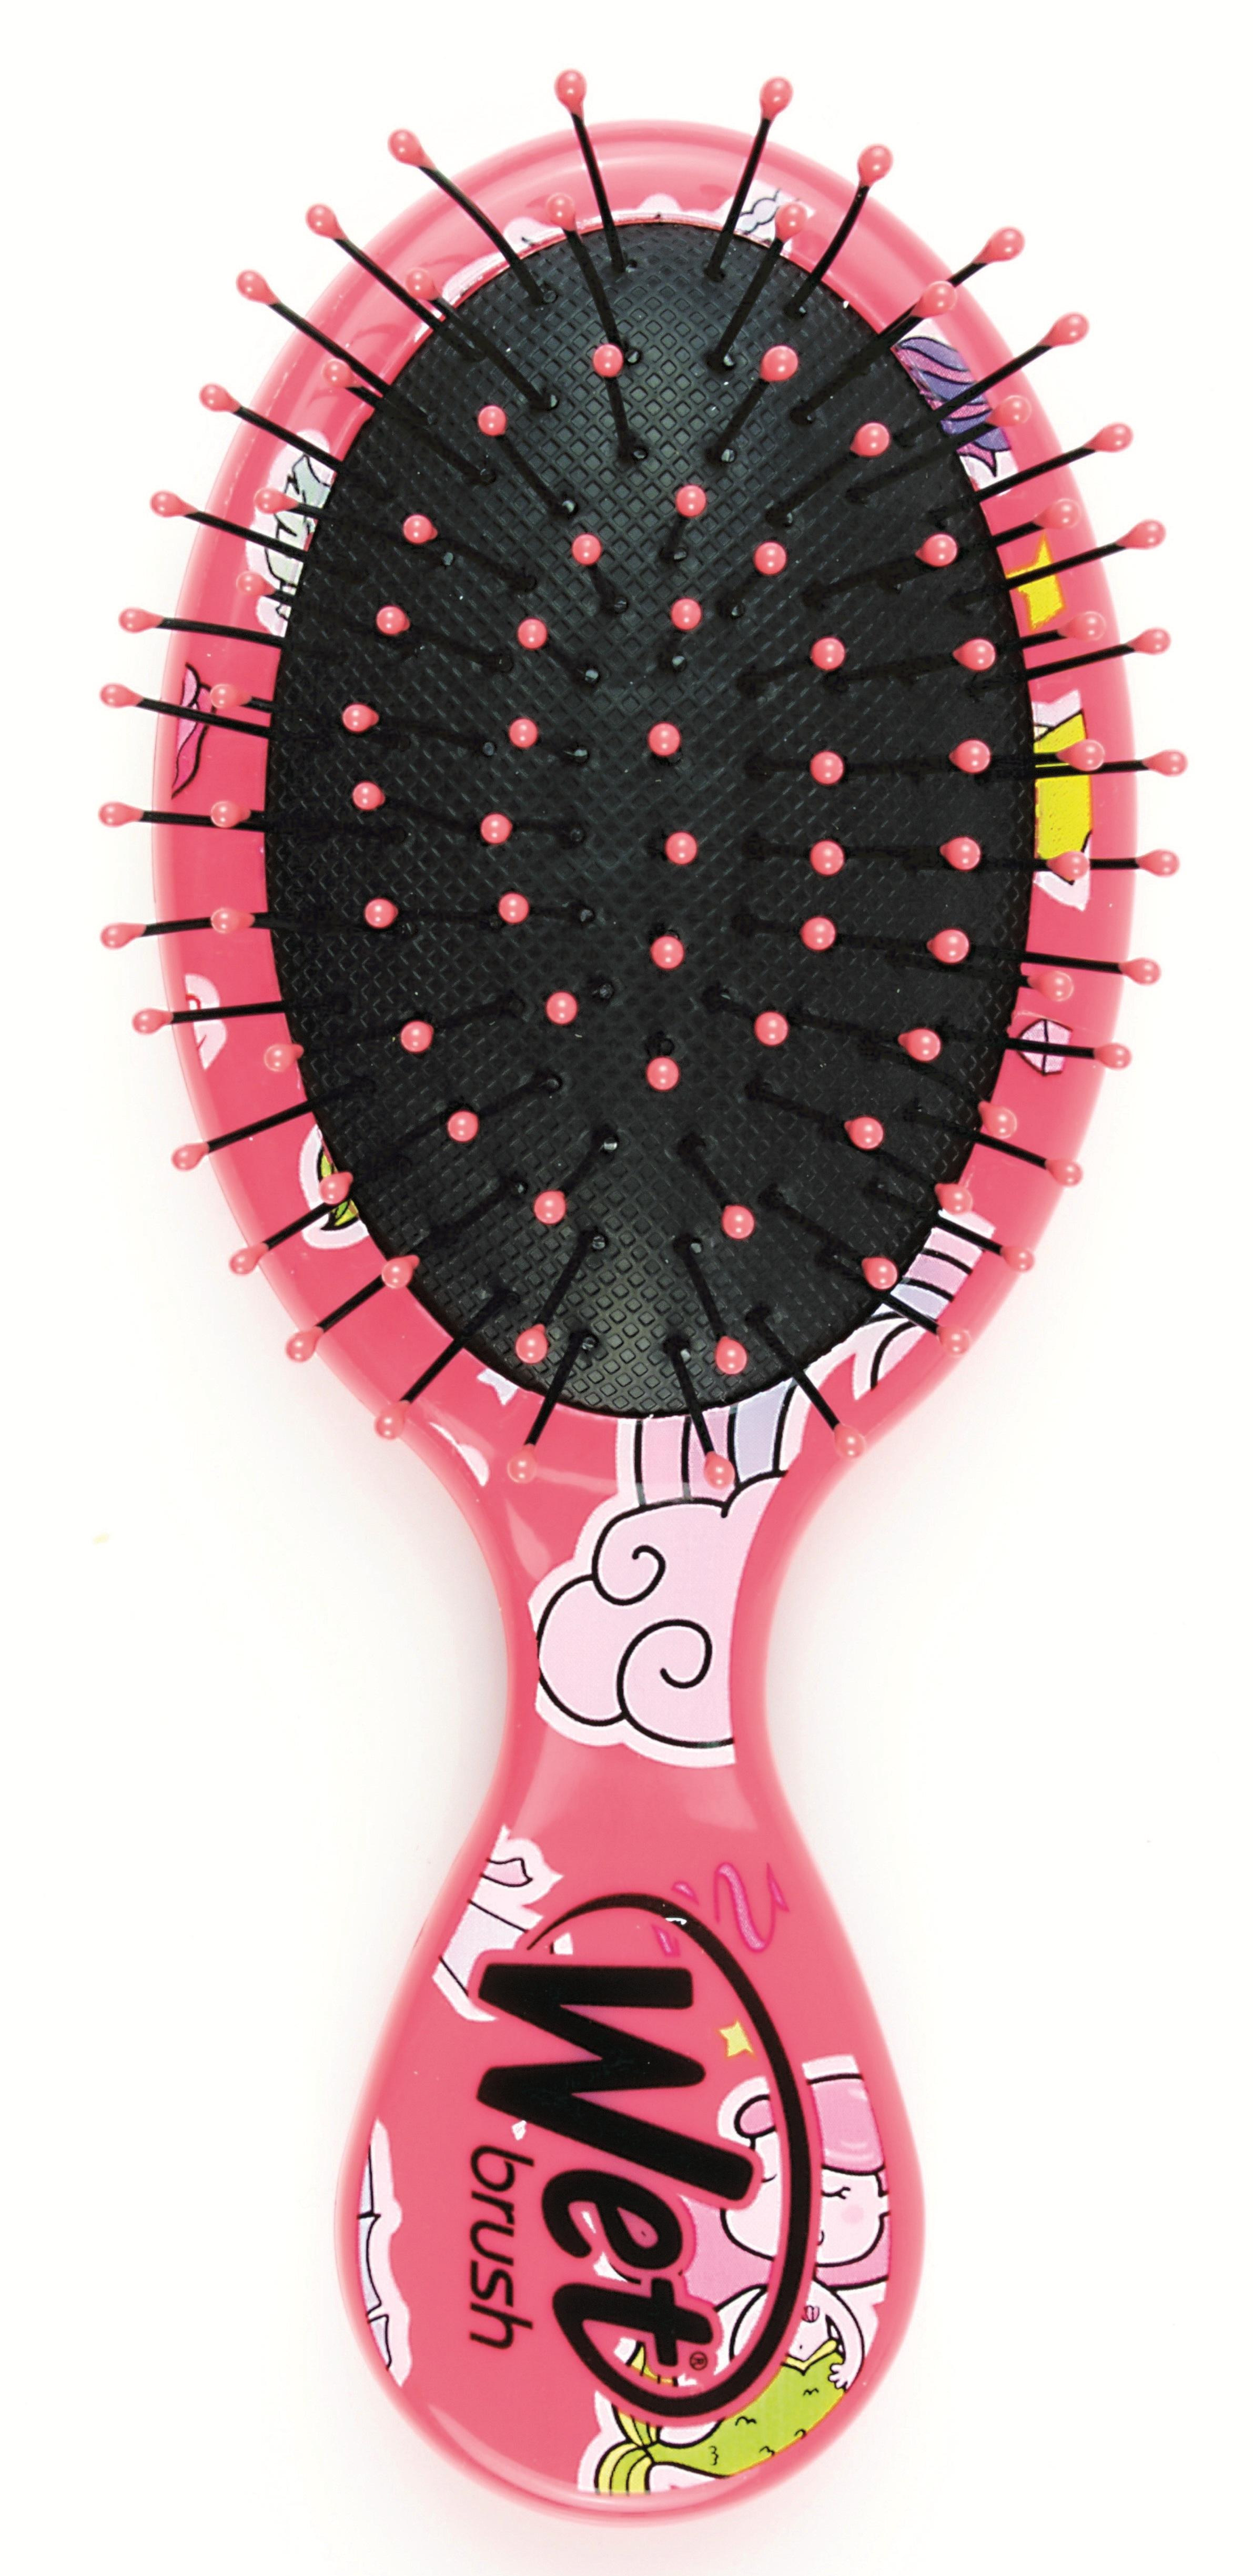 Wet Brush Щетка для спутанных волос мини размера, розовый единорог / WET BRUSH MINI HAPPY HAIR FANTASY - Щетки